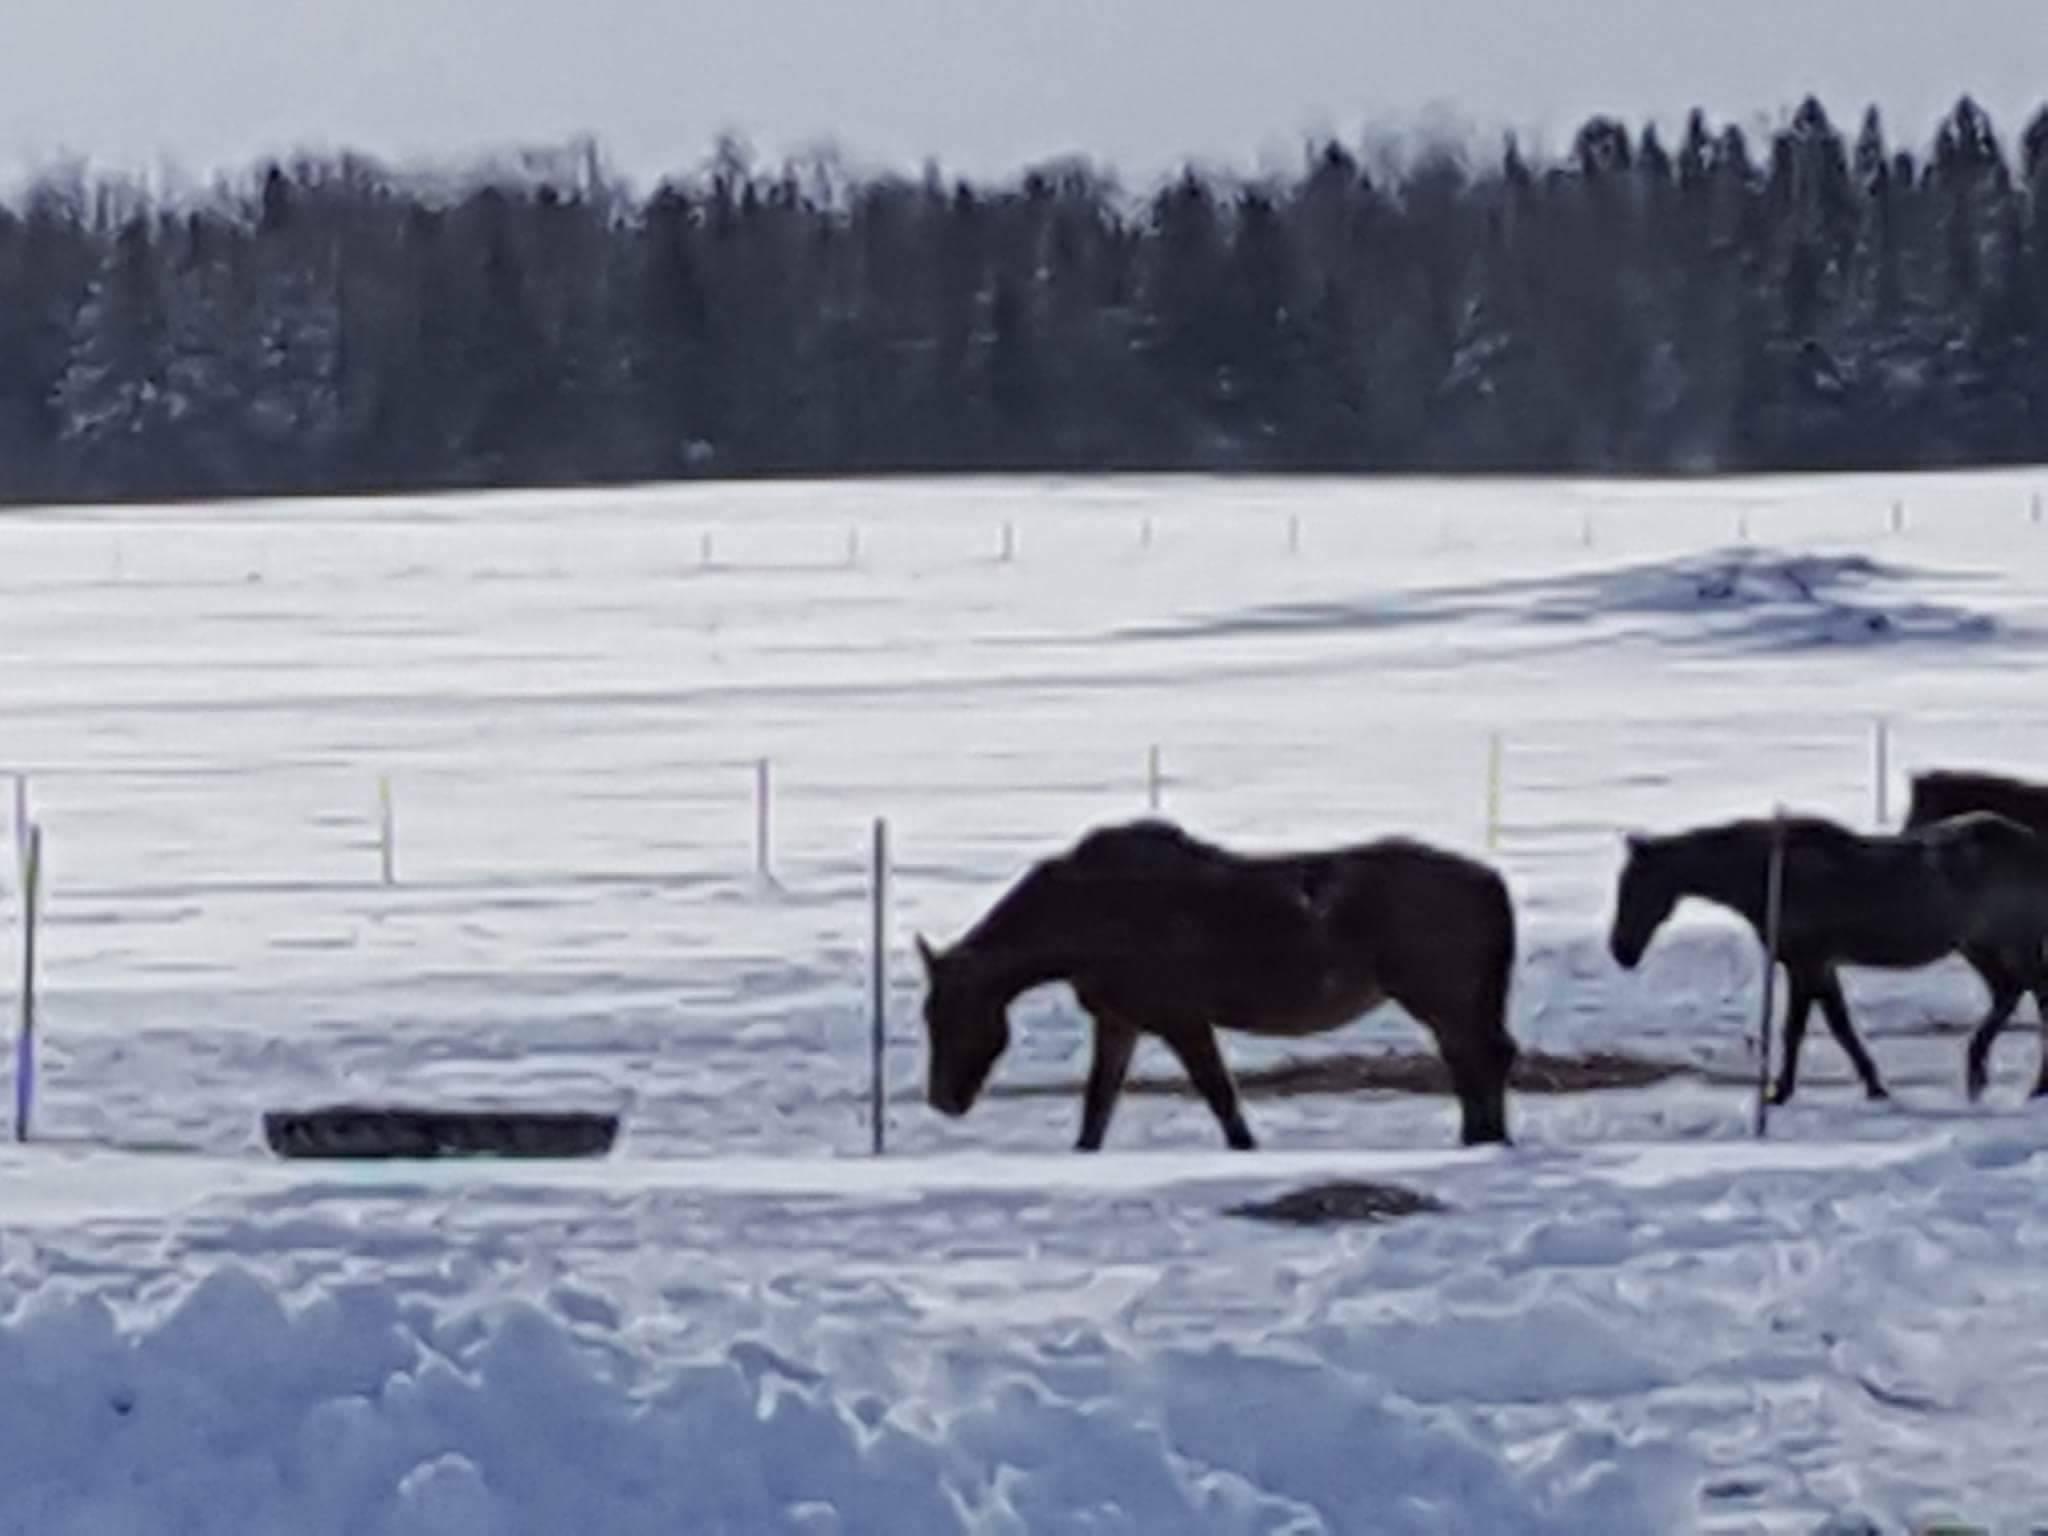 Download Wallpaper Horse Snow - 2017-mackinac-horses-jan-2017-1  You Should Have_628821.jpg?w\u003d2048\u0026h\u003d1536